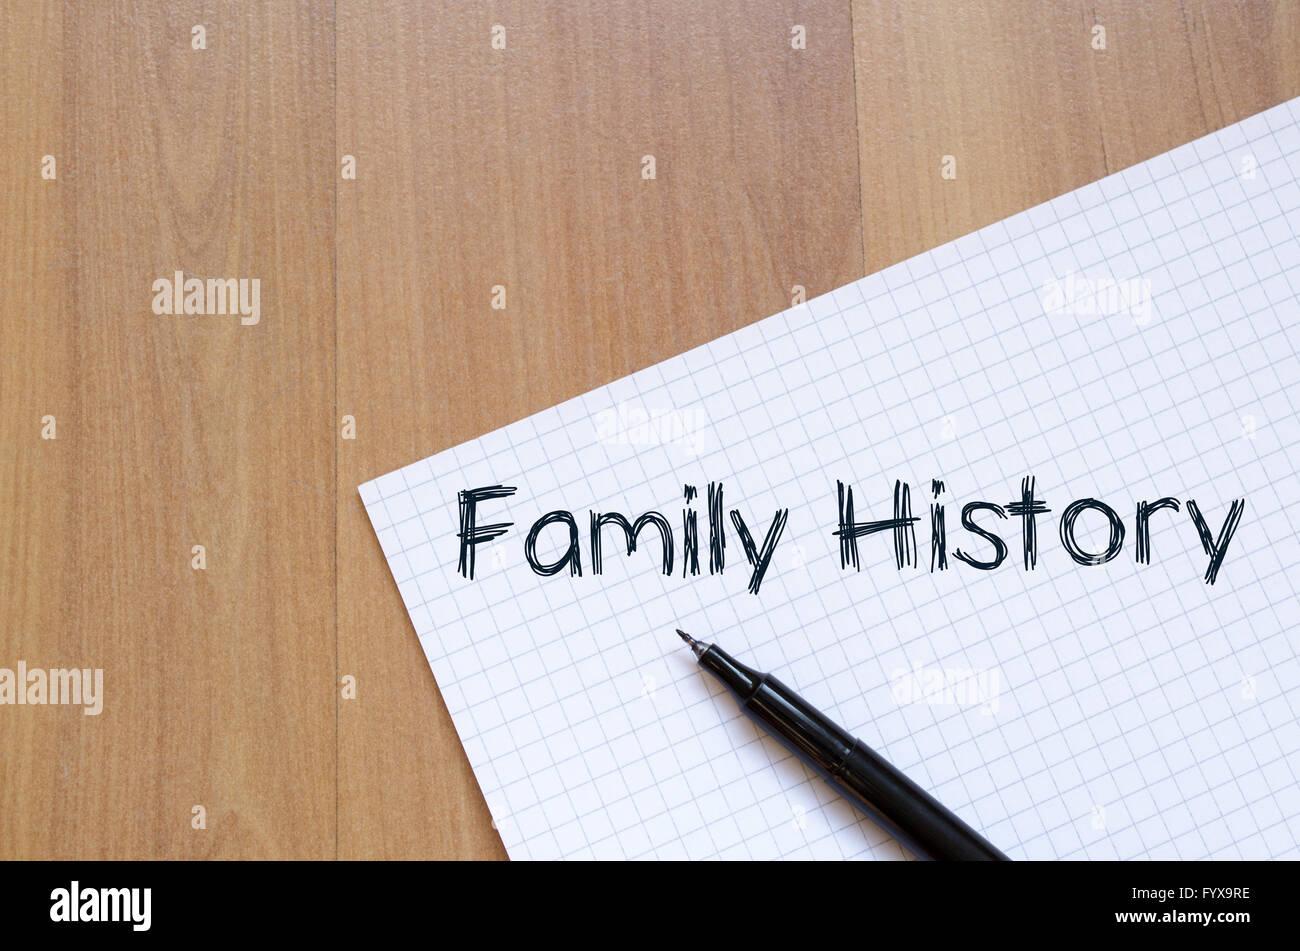 La historia de la familia escribir en un portátil Imagen De Stock